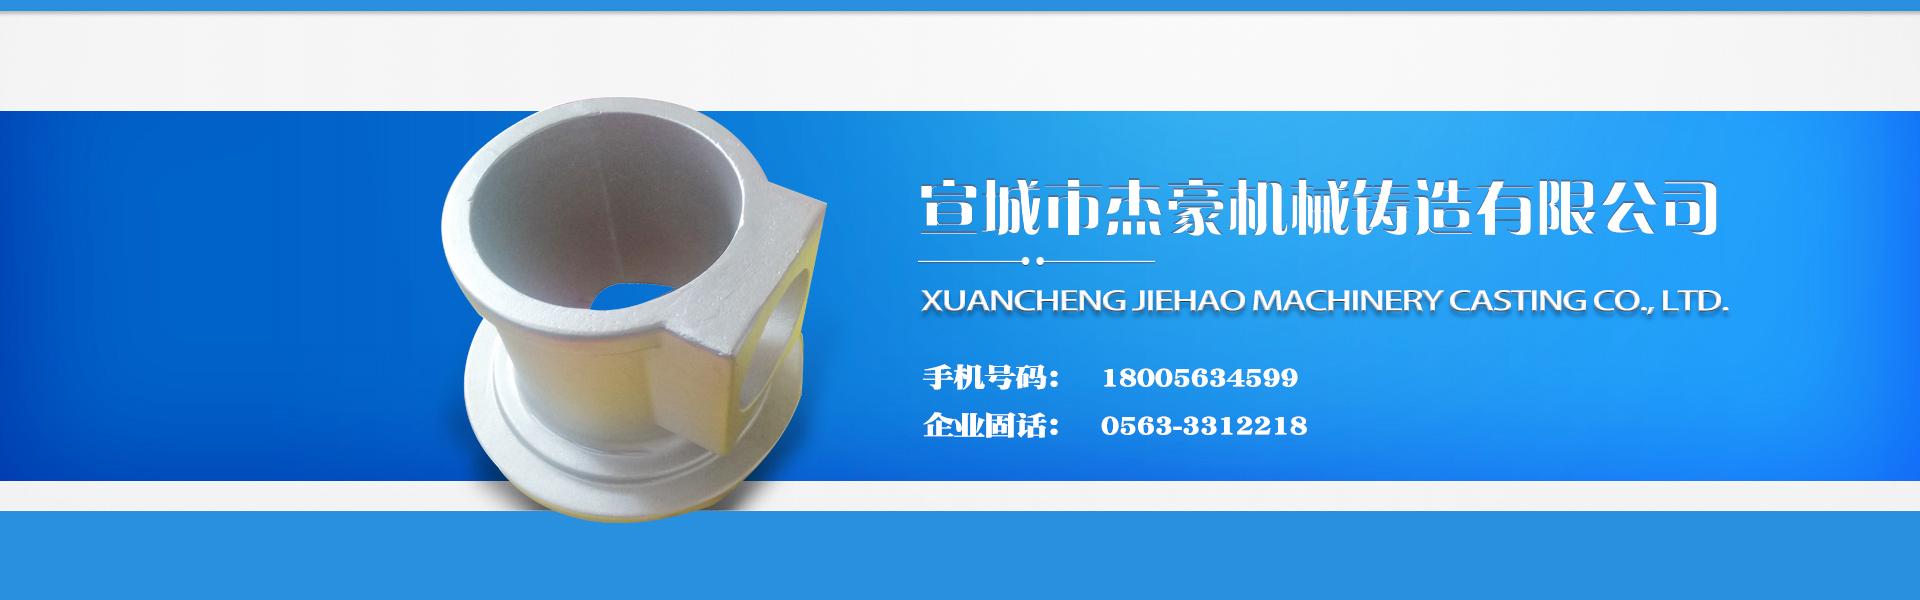 专业的硅溶胶精密铸造.优质的水玻璃精密铸造